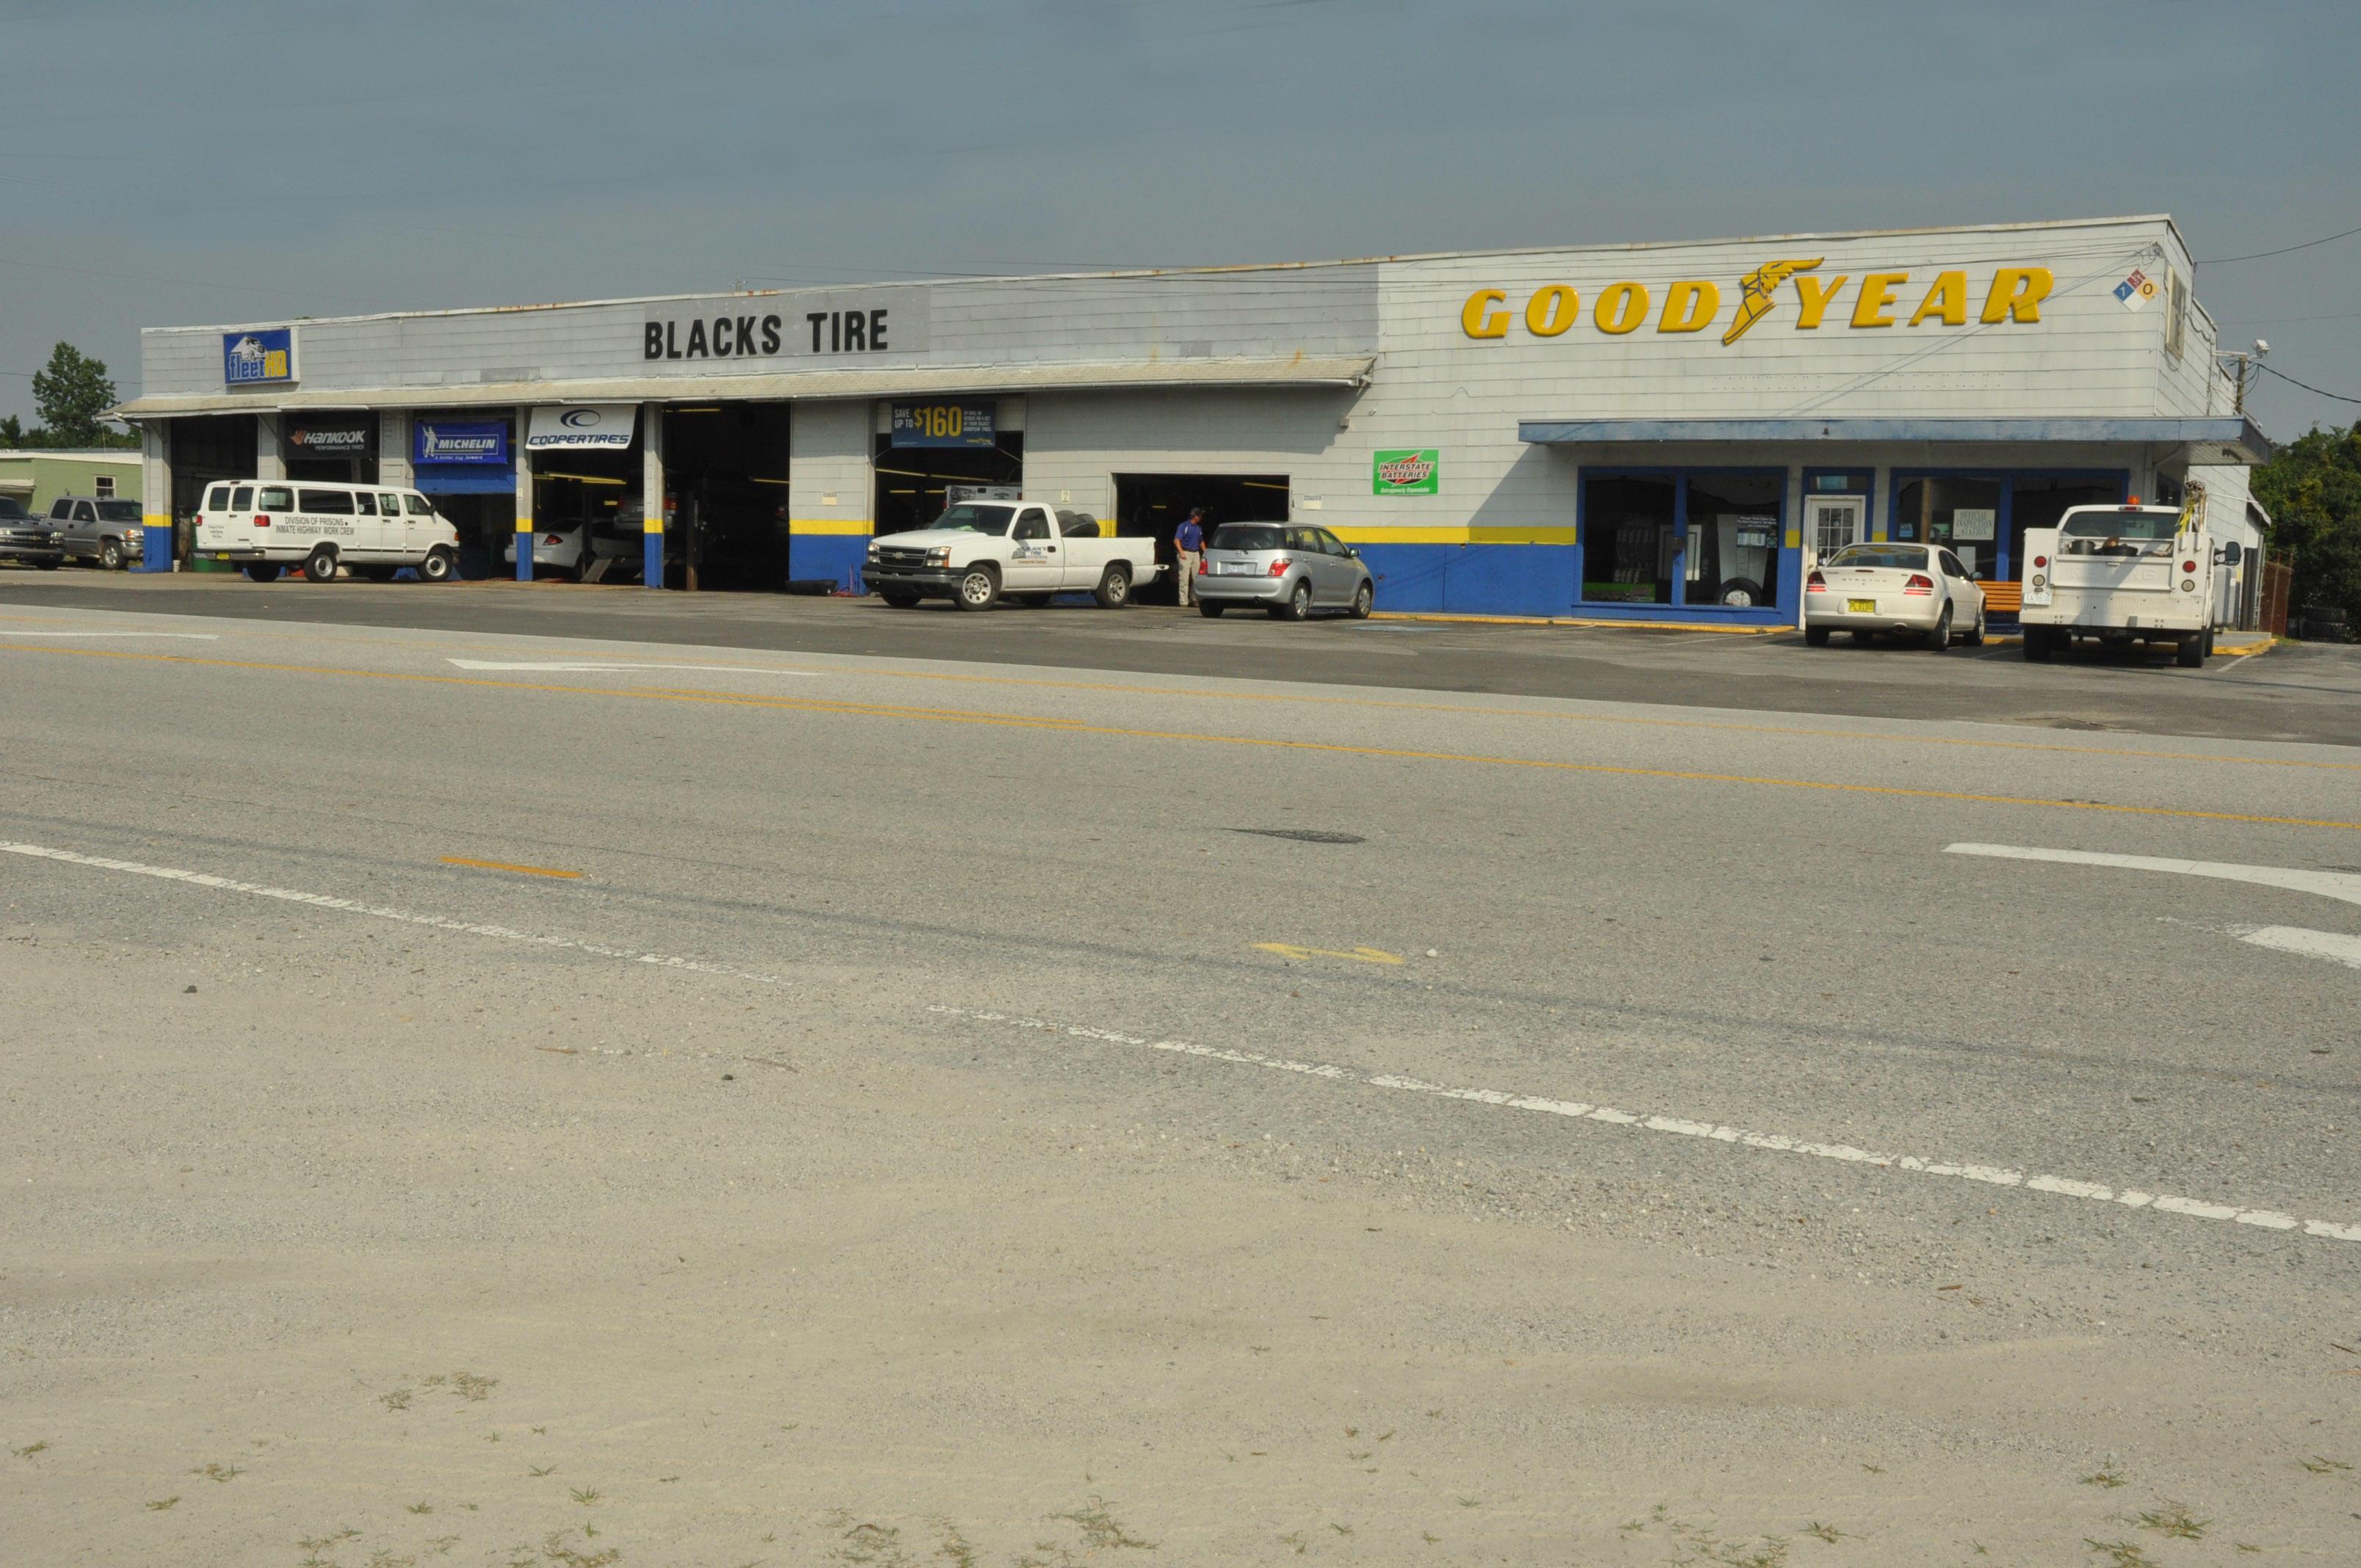 black u0026 39 s tire  u0026 auto services in whiteville  nc 28472